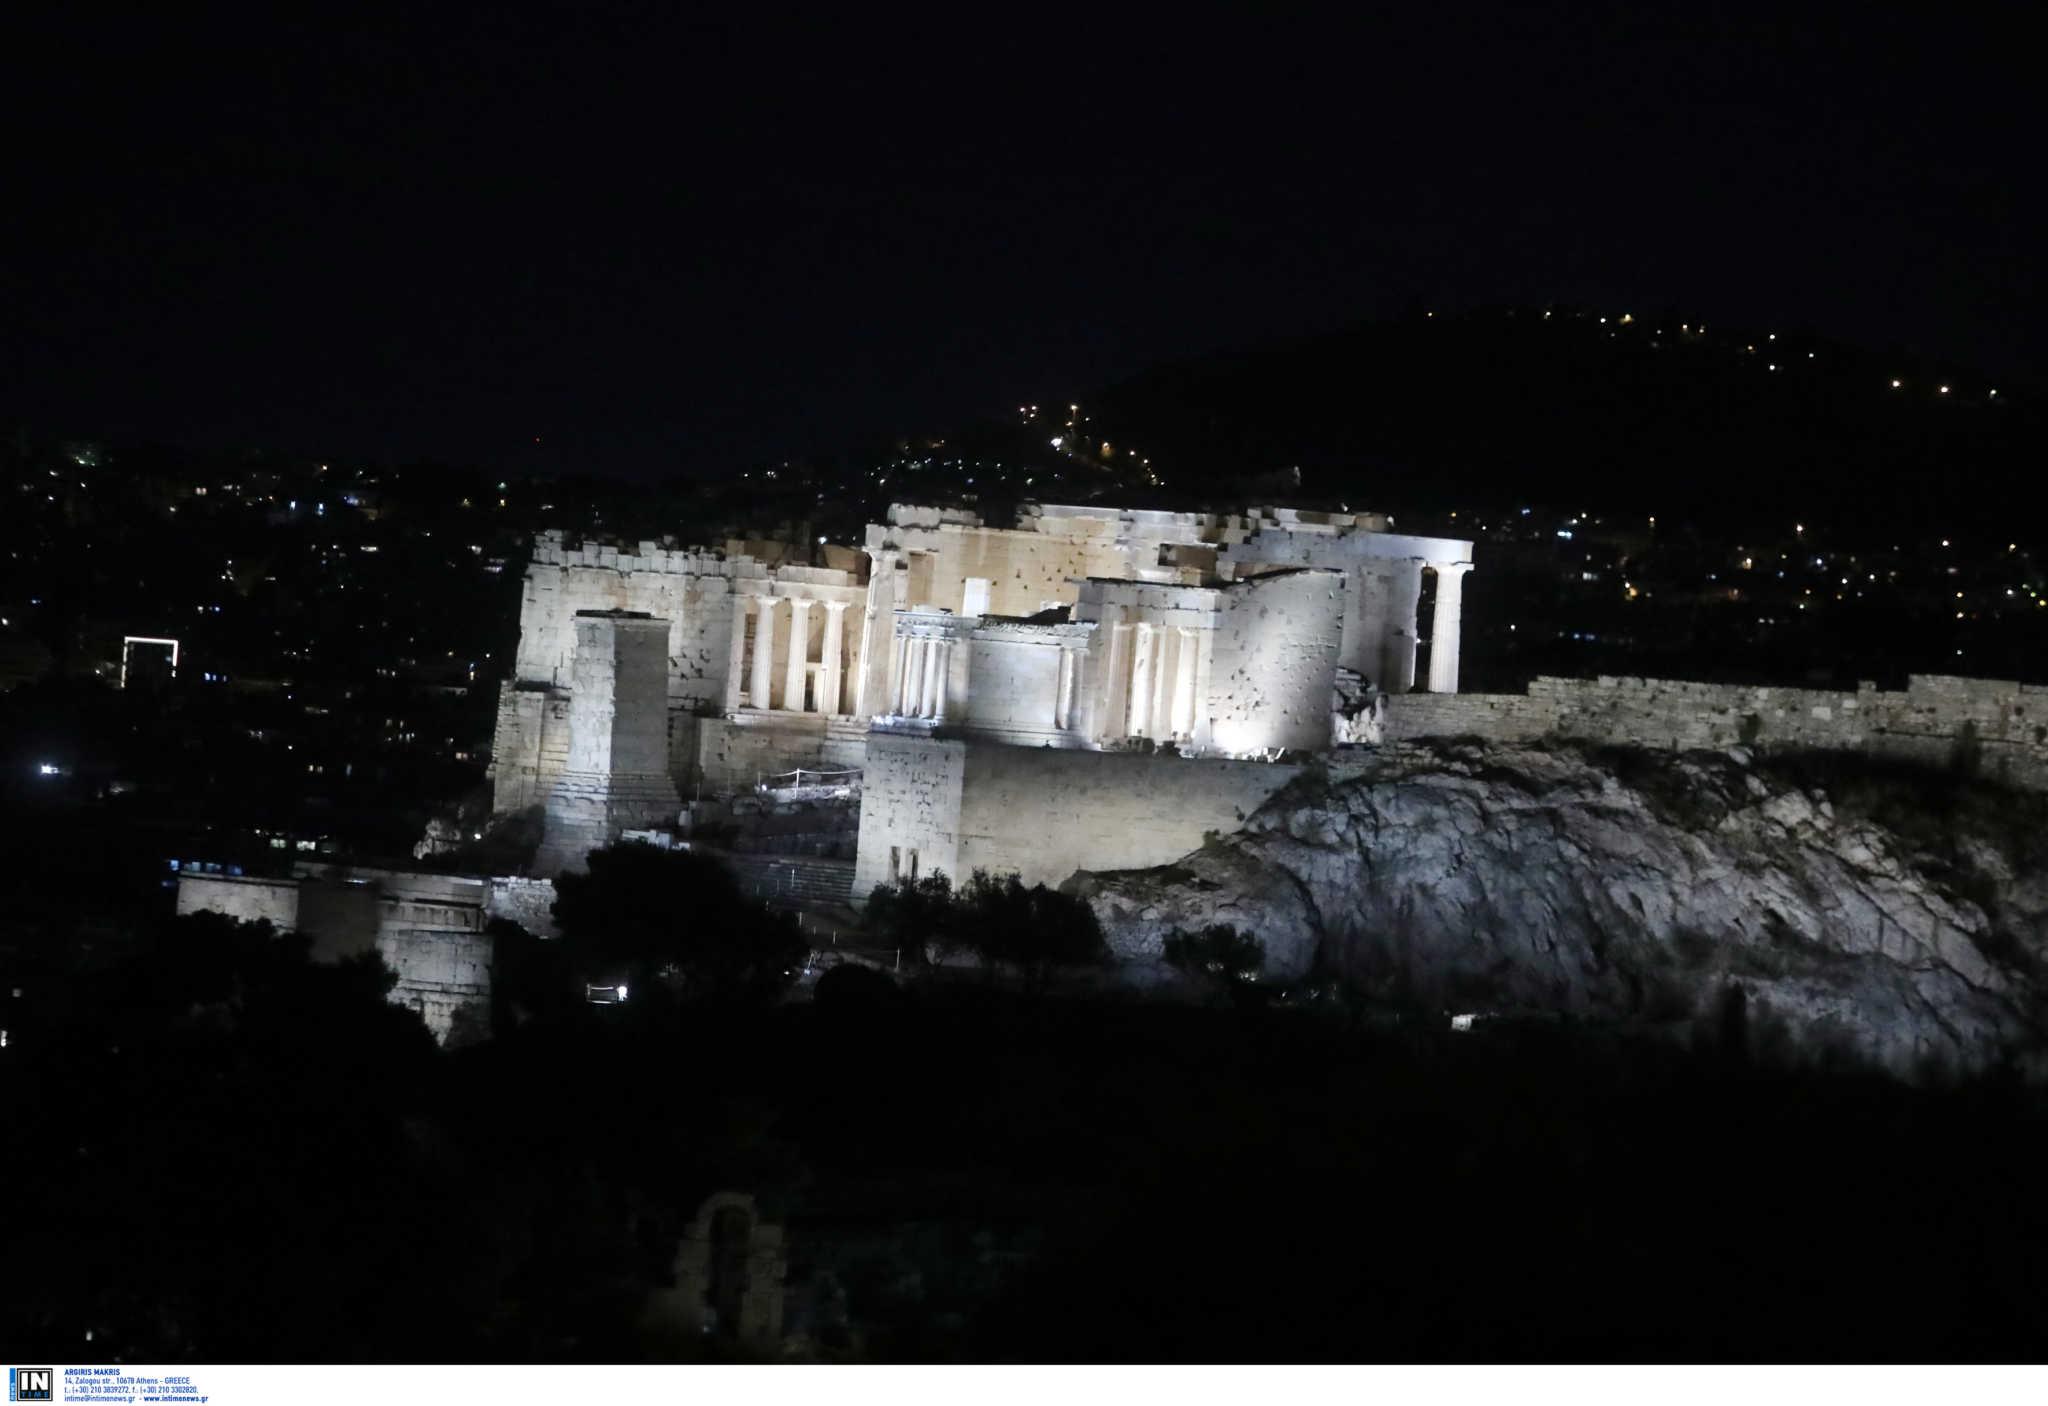 Πιο λαμπερή από ποτέ η Ακρόπολη! Άκρως εντυπωσιακός ο νέος φωτισμός της (pics)